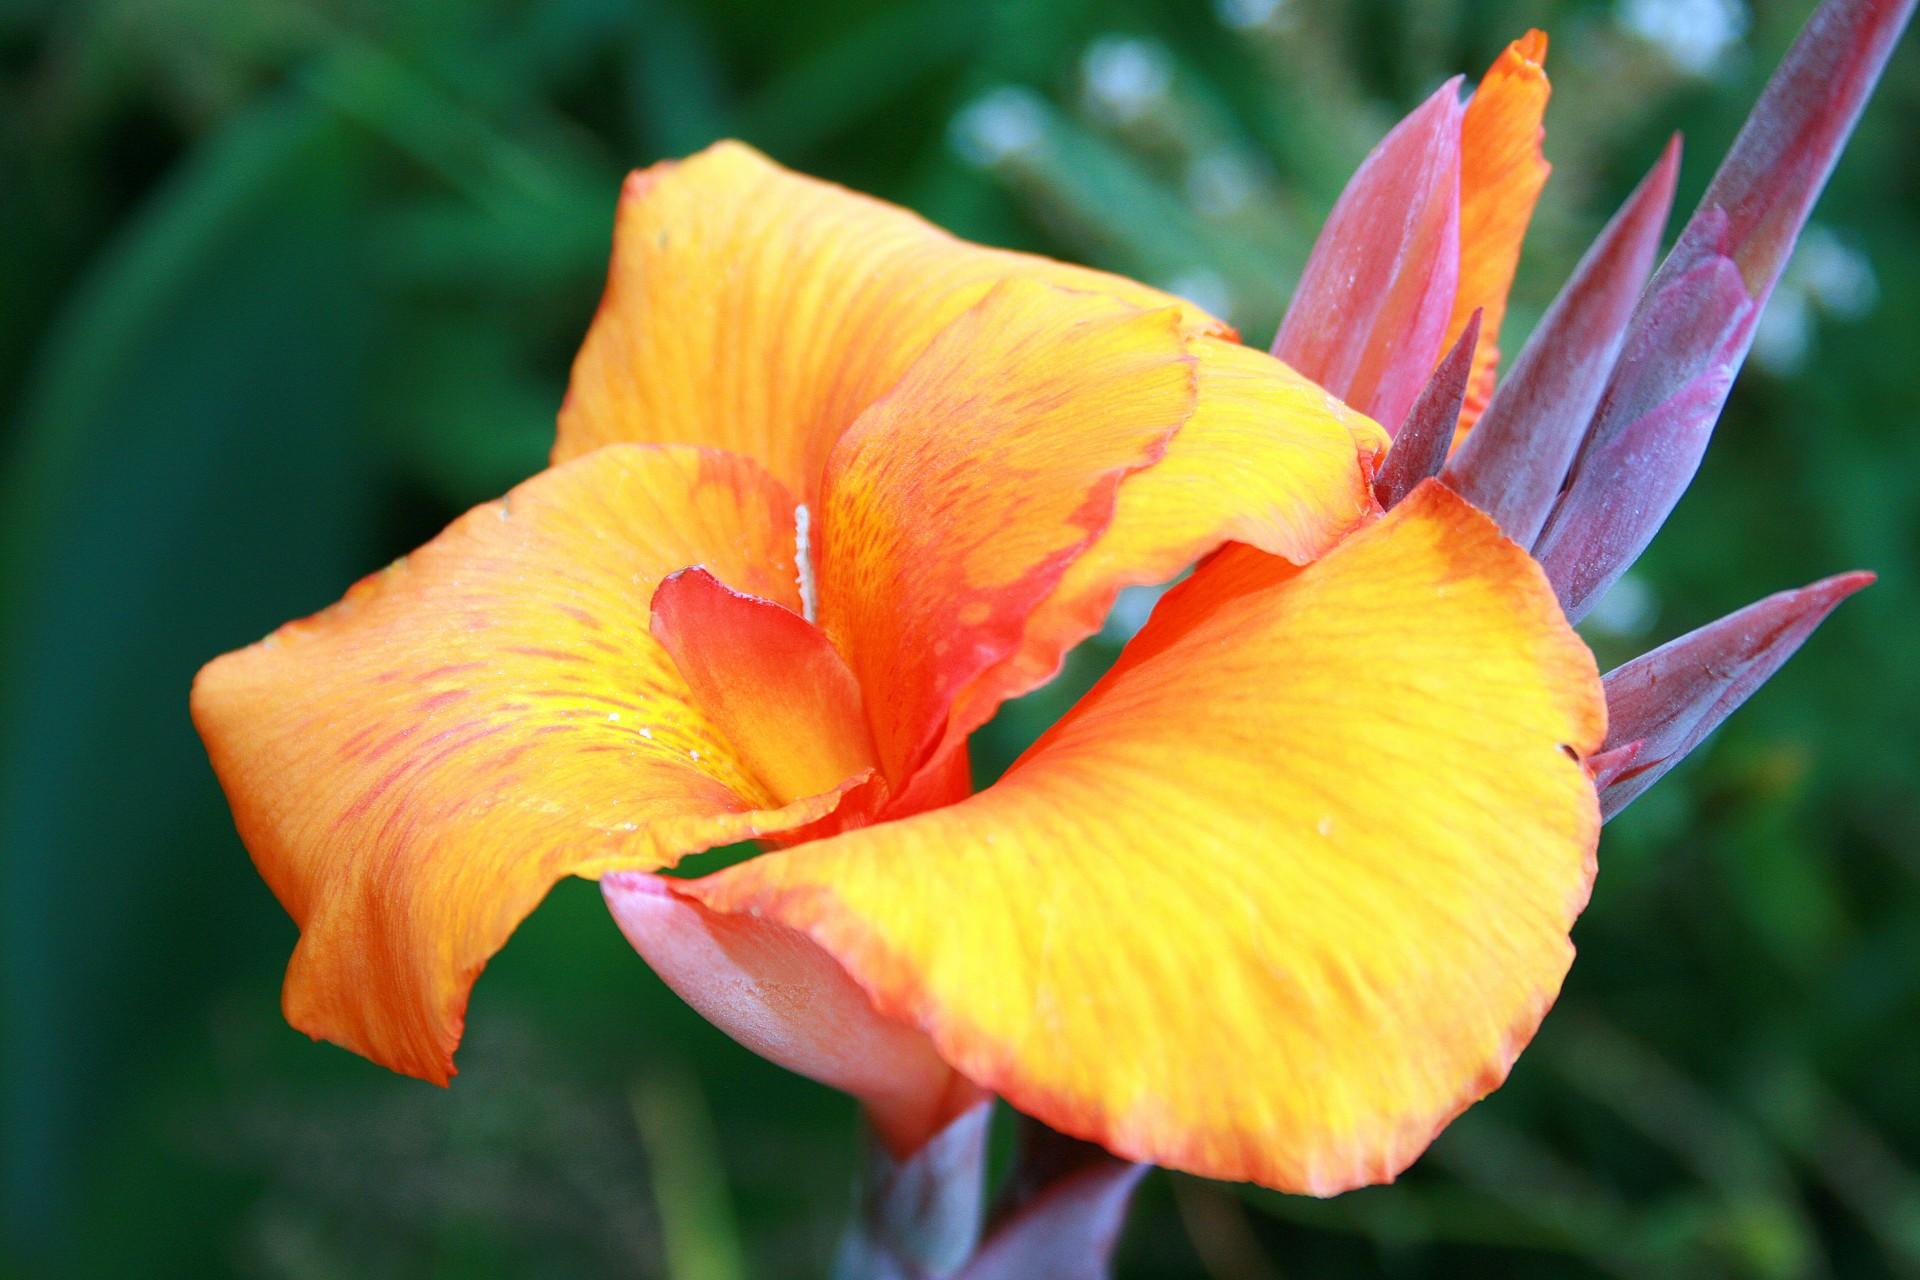 La caña de Indias es una planta rizomatosa ideal para cultivar en jardineras